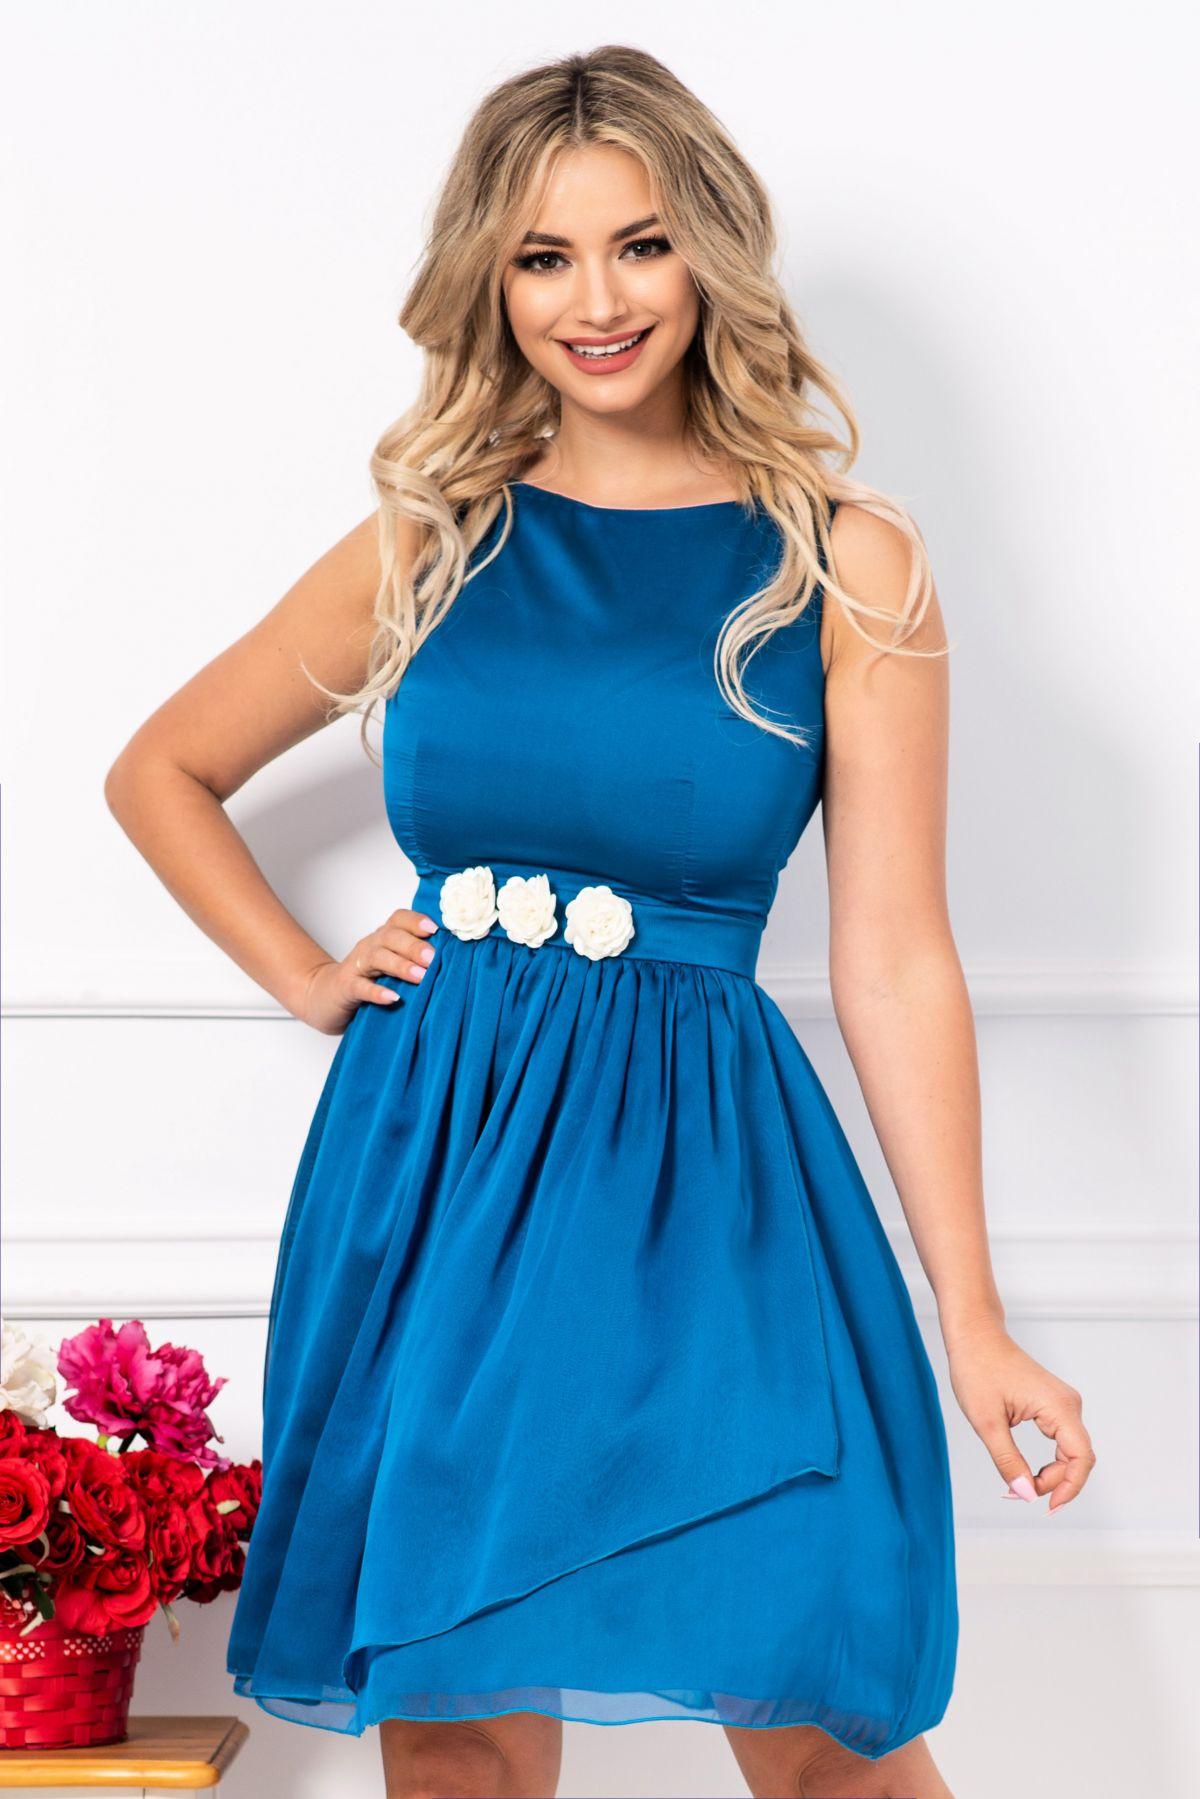 Rochie MBG din voal albastru accesorizata cu flori in talie